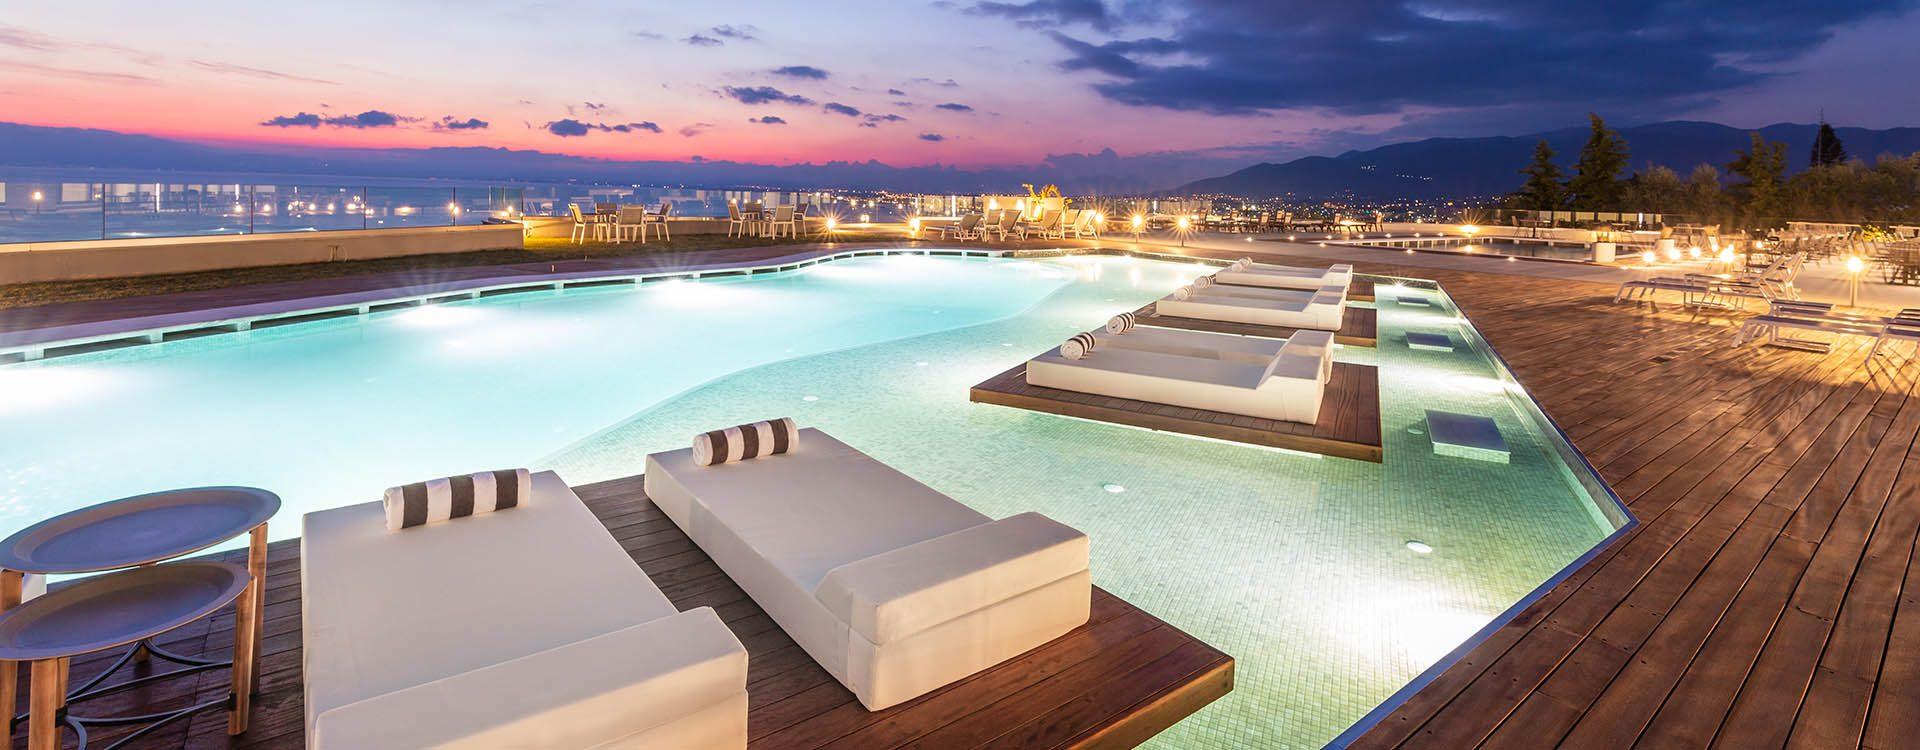 καλαματα ξενοδοχεια 5 αστερων- Messinian Icon Hotel